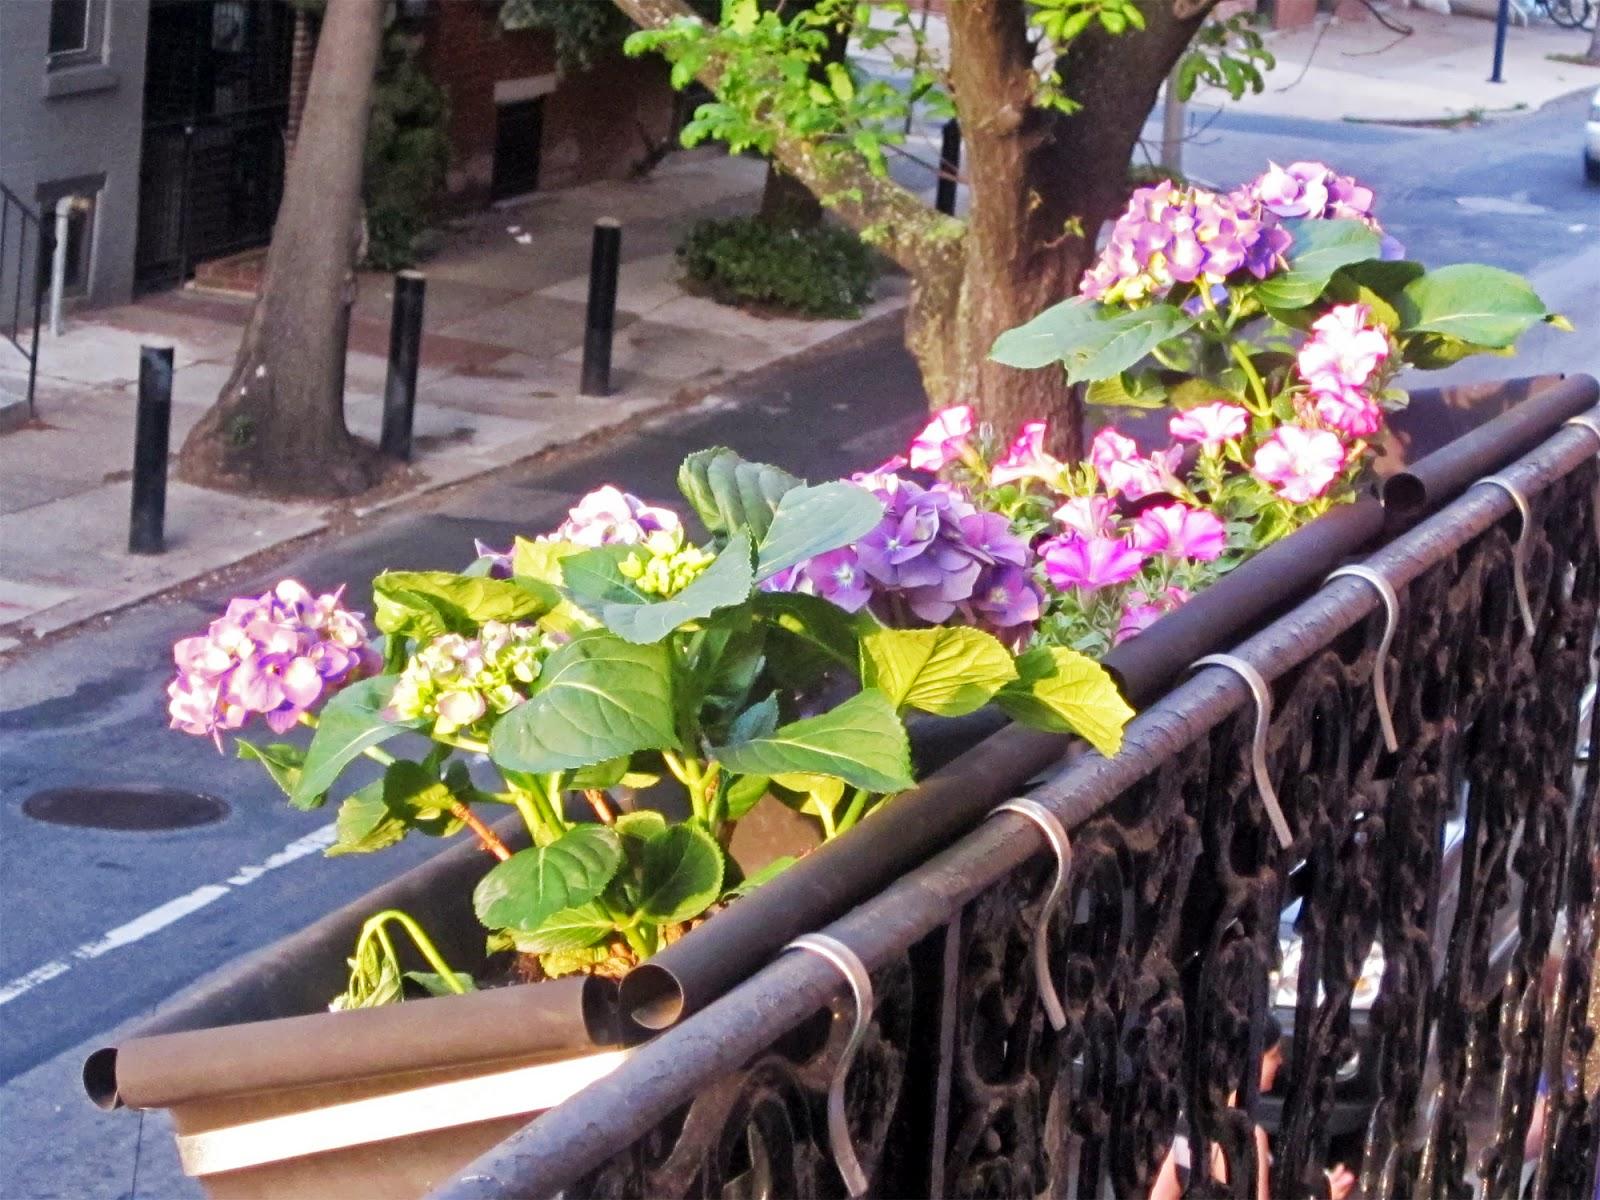 Галерея цветочный блюз - салон цветов в москве. цветы на зак.